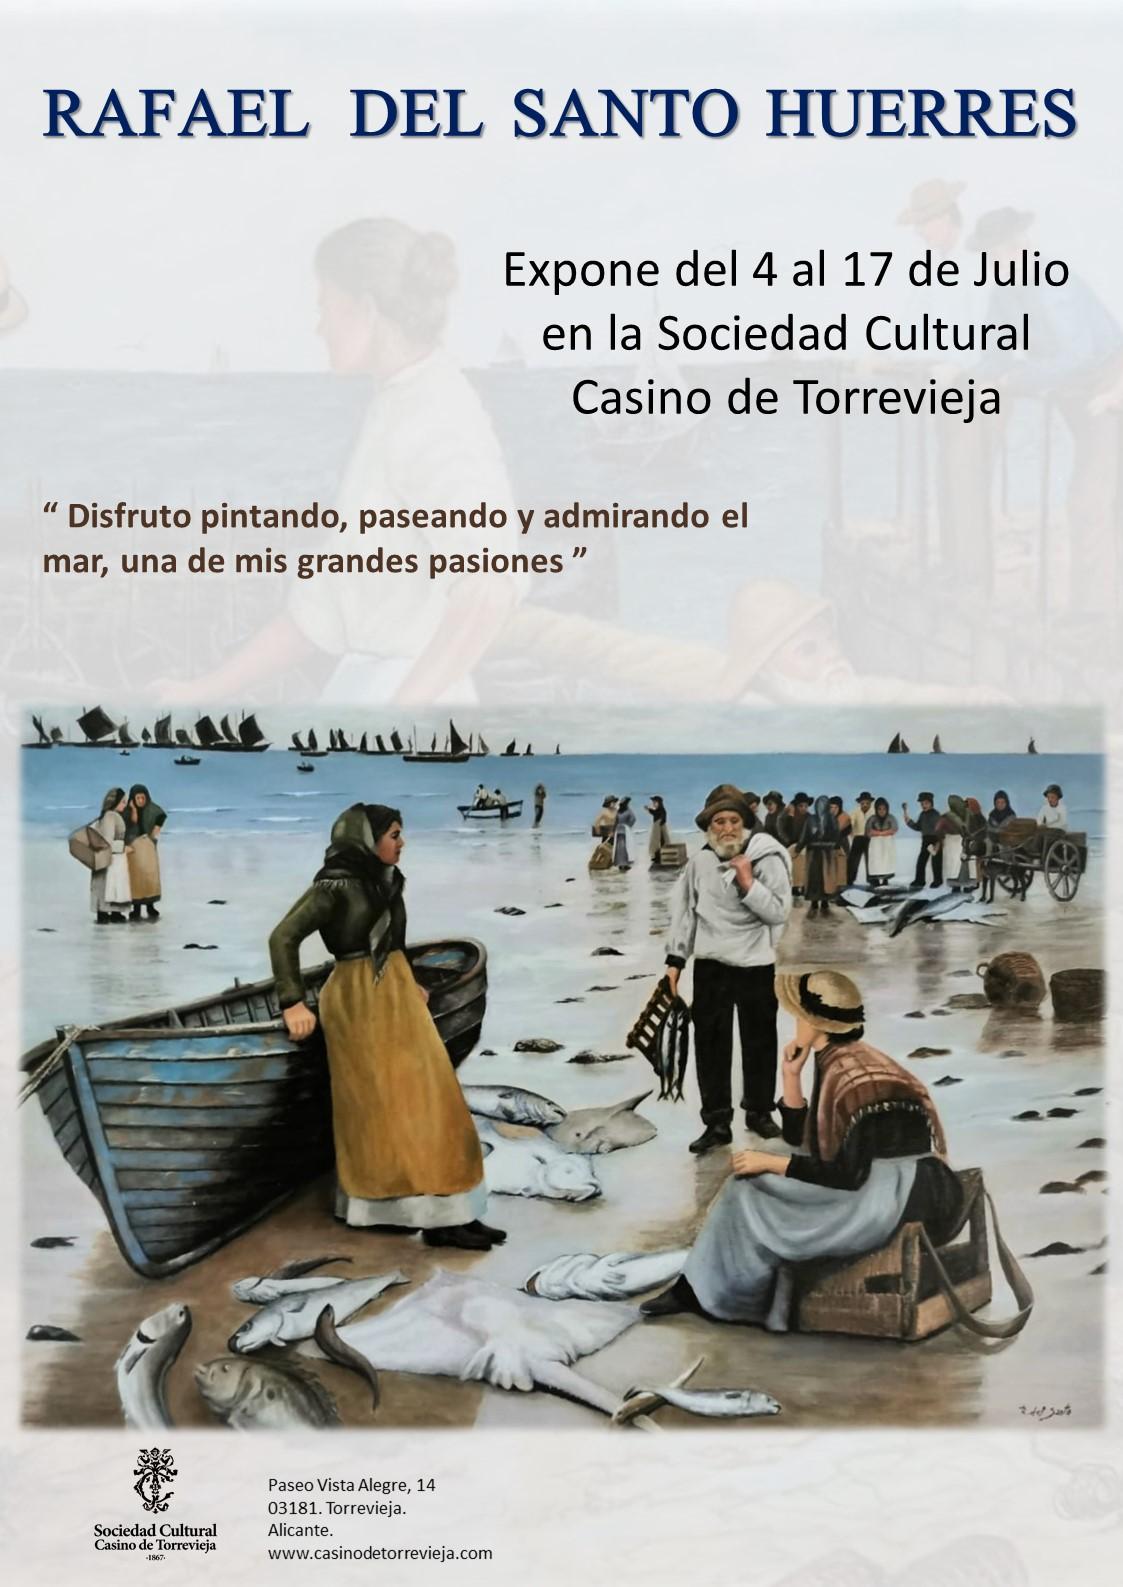 Rafael del Santo Huerresin taidenäyttely Torreviejan kasinolla